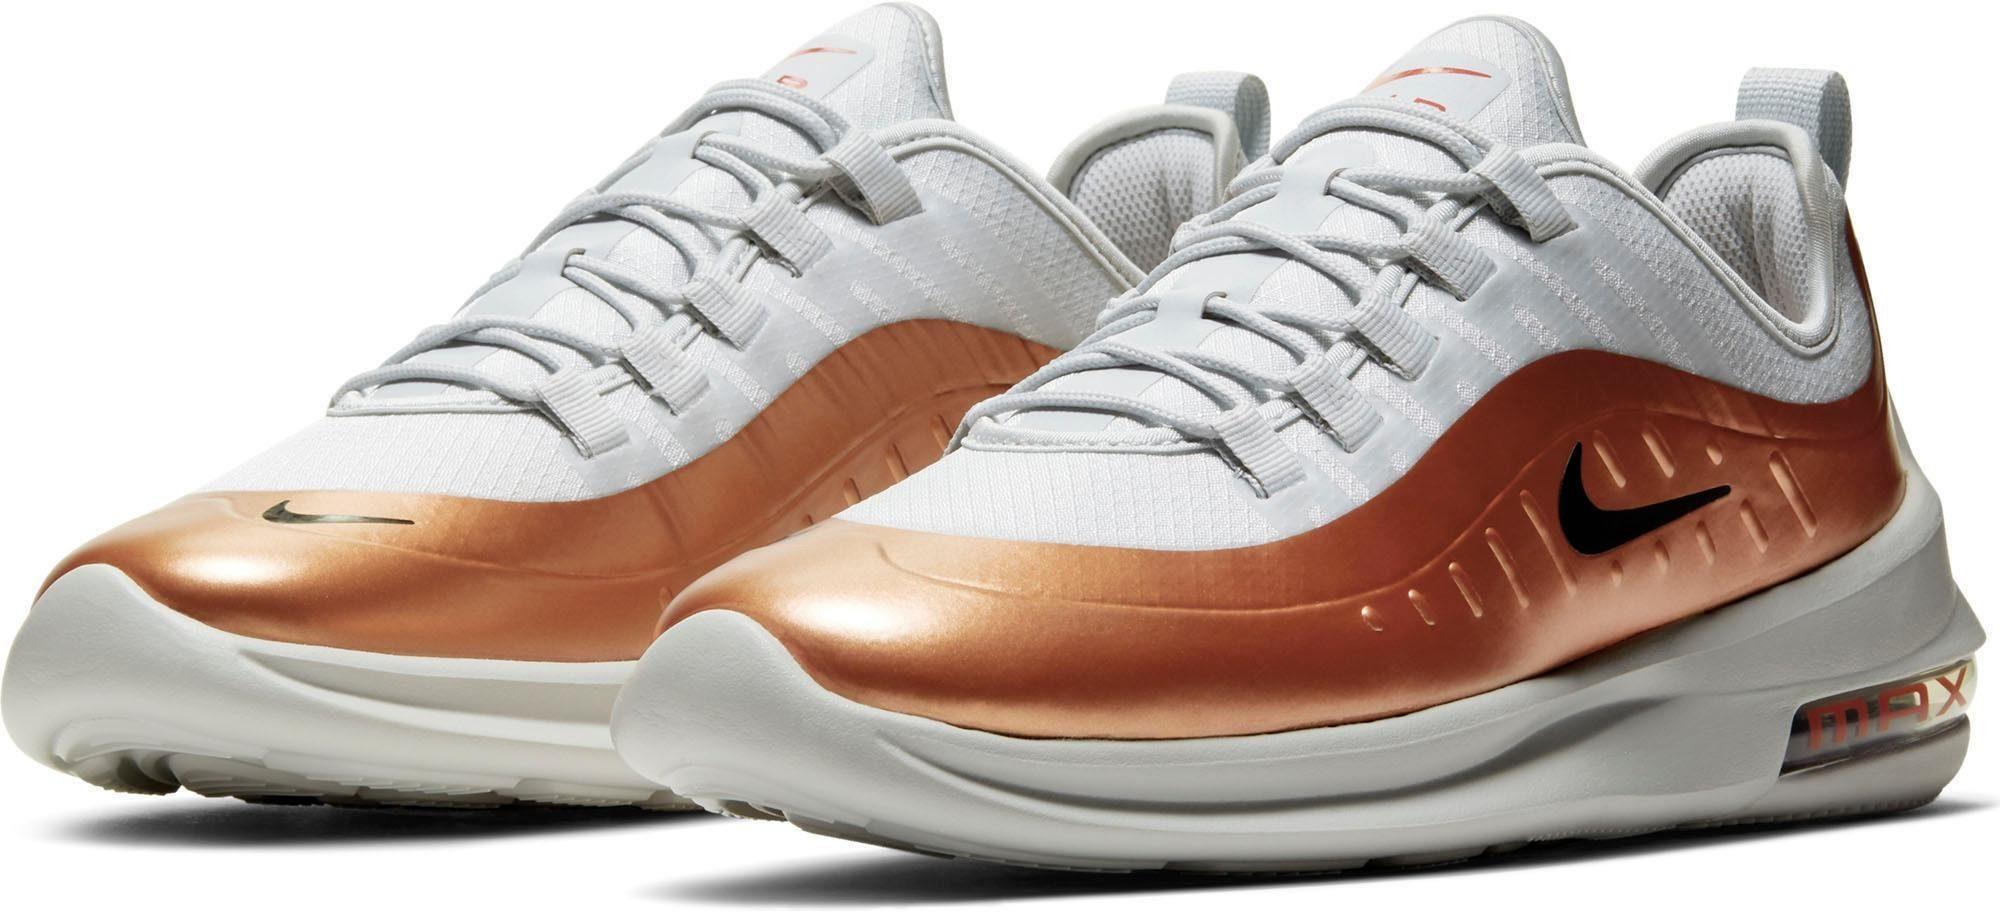 Nike Sportswear »Air Max Axis Premium« Sneaker | OTTO